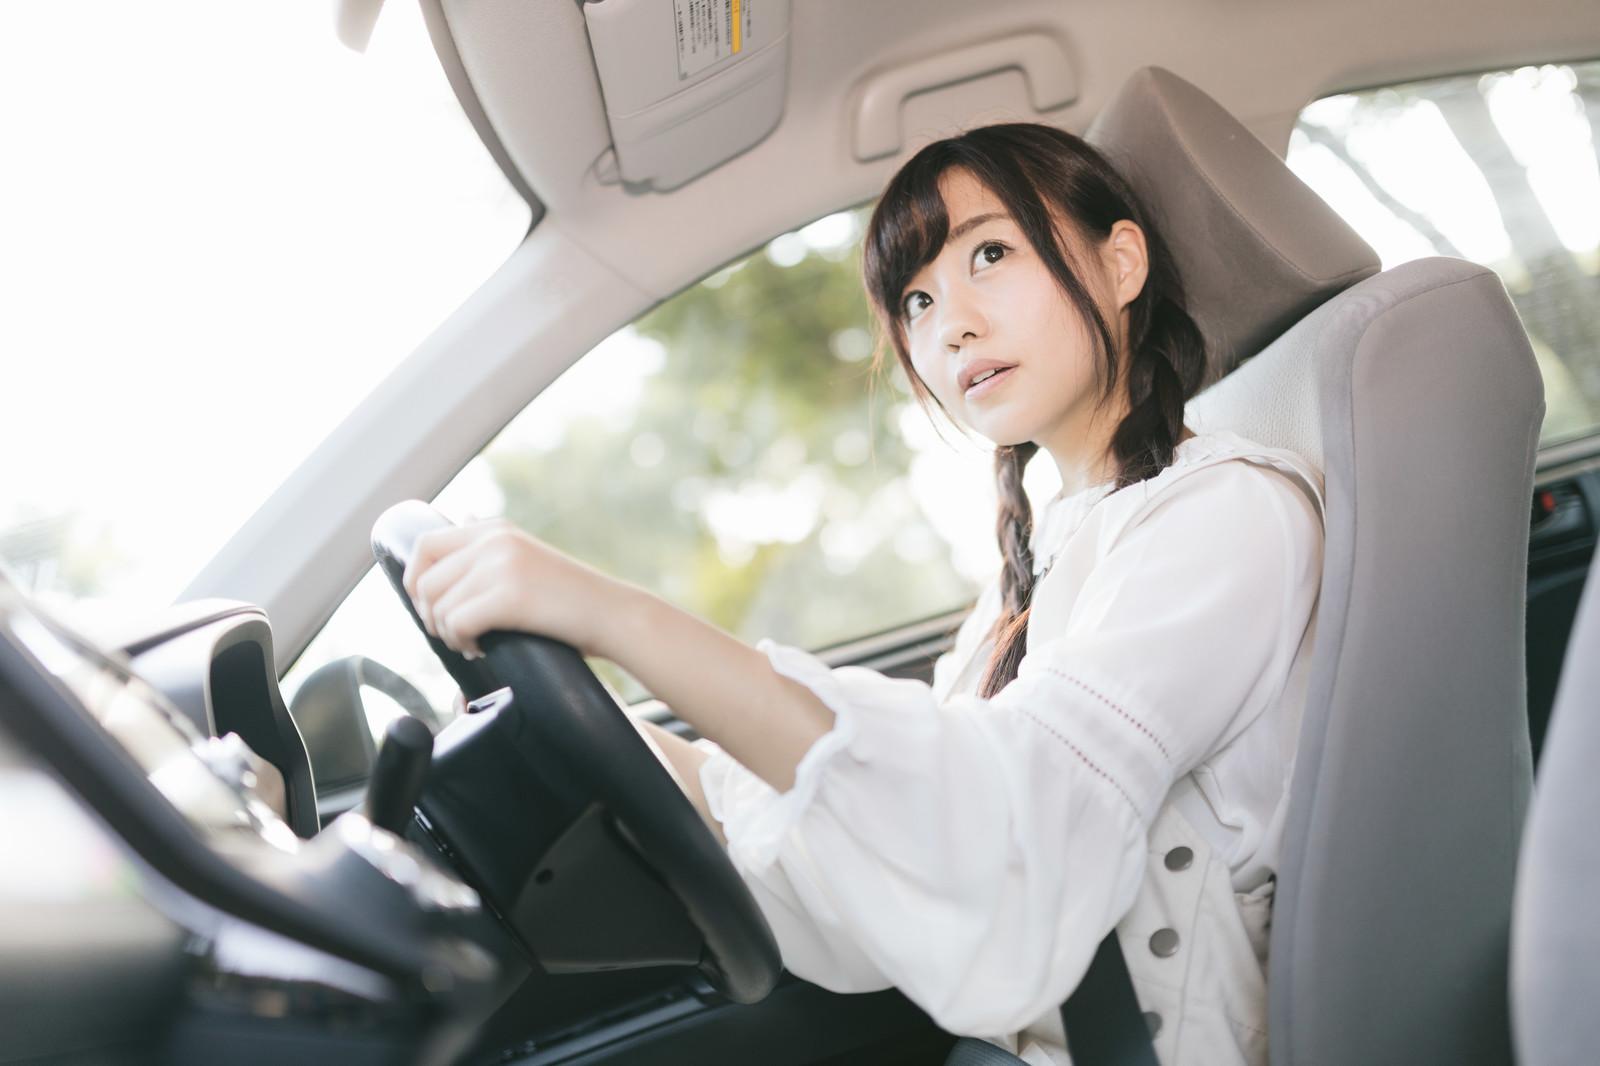 エブリイを車中泊仕様に改造しよう!快適に過ごせるDIYをチェック!